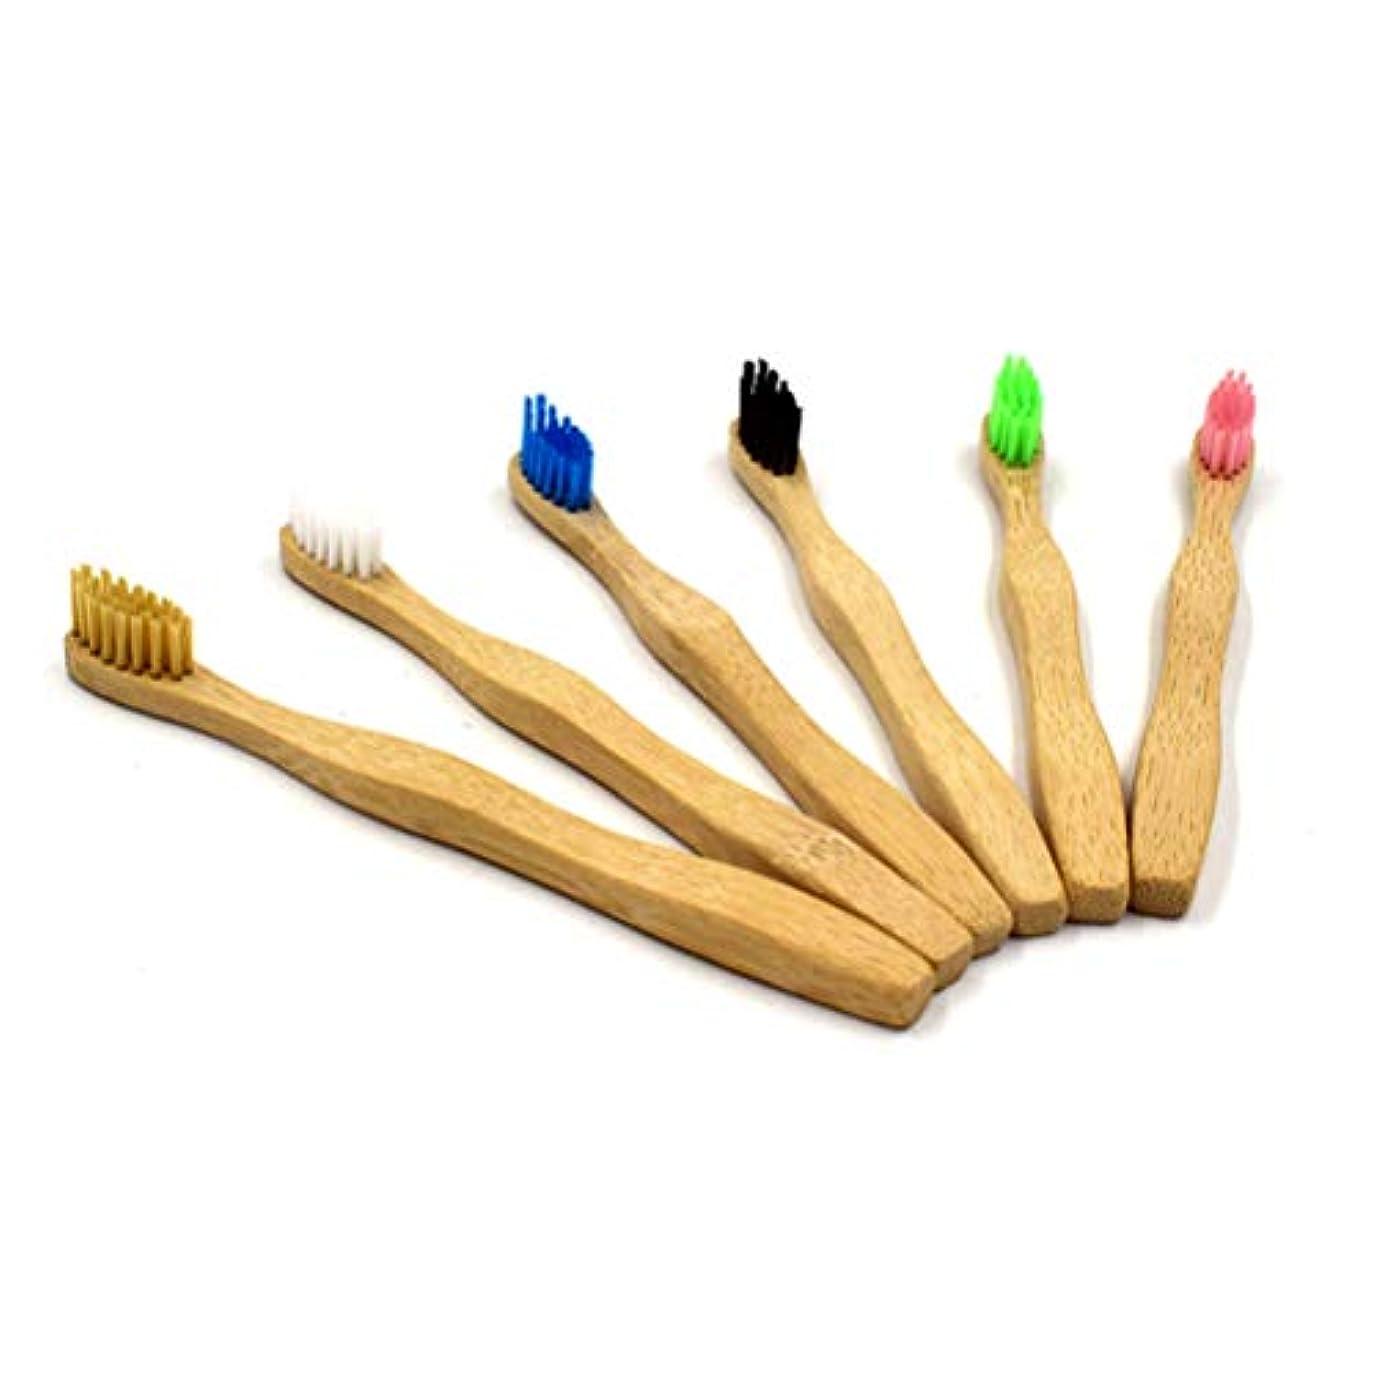 裏切り者技術者急流SUPVOX 家族のための振られたハンドルが付いている自然なタケ歯ブラシの木の環境に優しい歯ブラシ8個